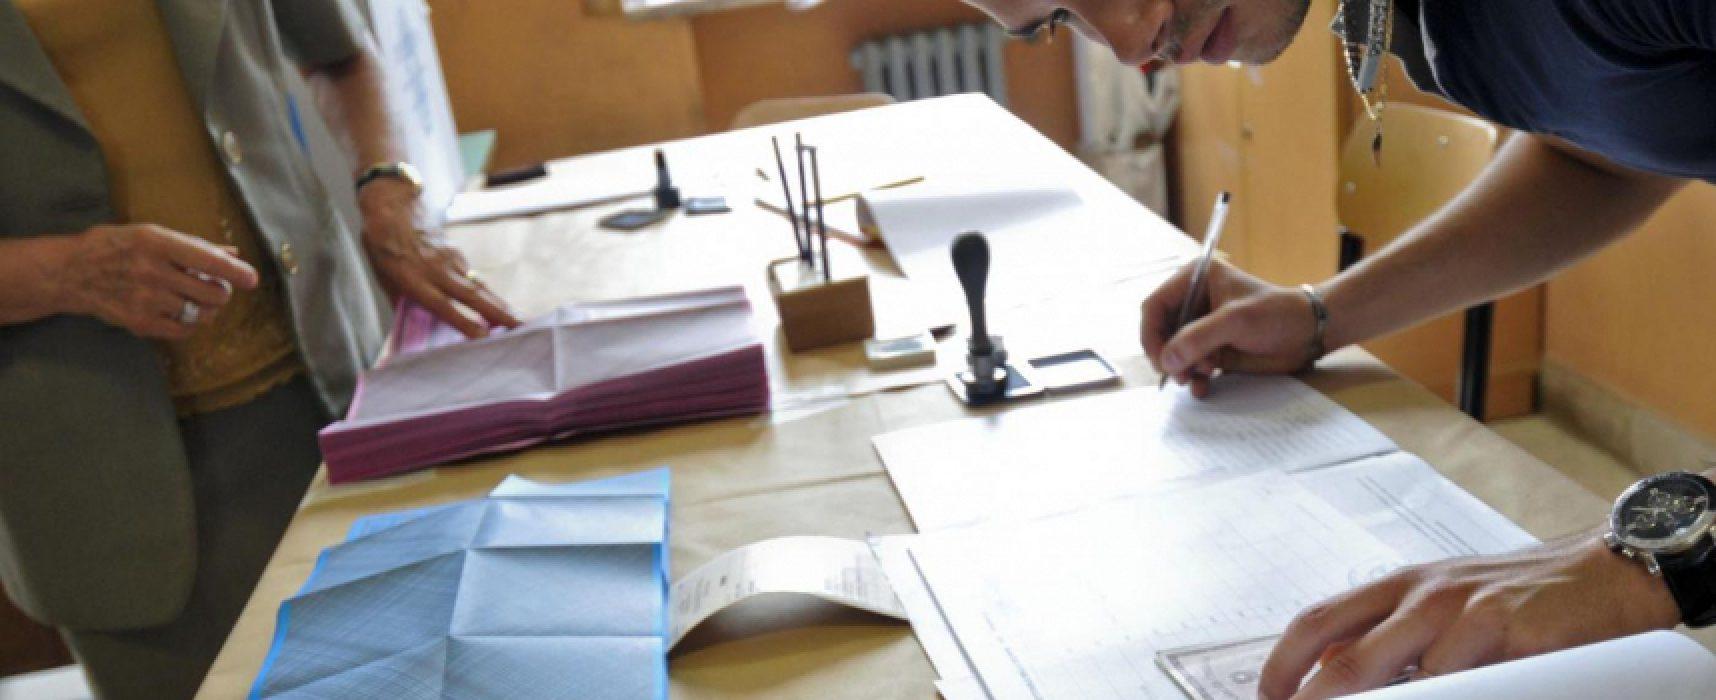 Albo scrutatori, aperta la revisione delle liste elettorali / DETTAGLI